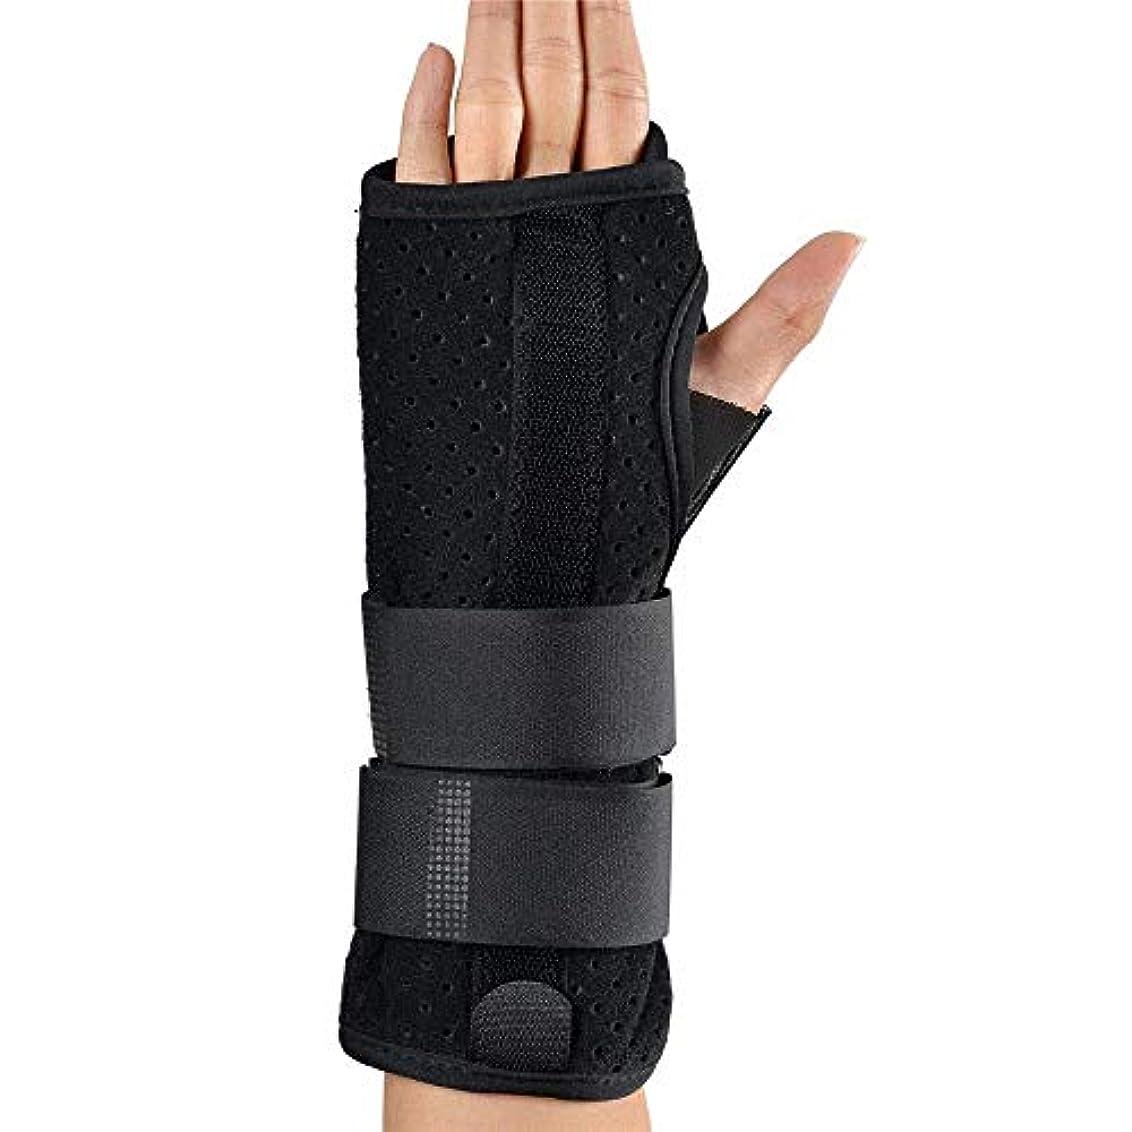 値するアジアZYL-YL 調節可能な圧縮リストストラップと手首関節固定器手首補正手首捻挫骨折プレート固定 (Edition : Right, サイズ : M)